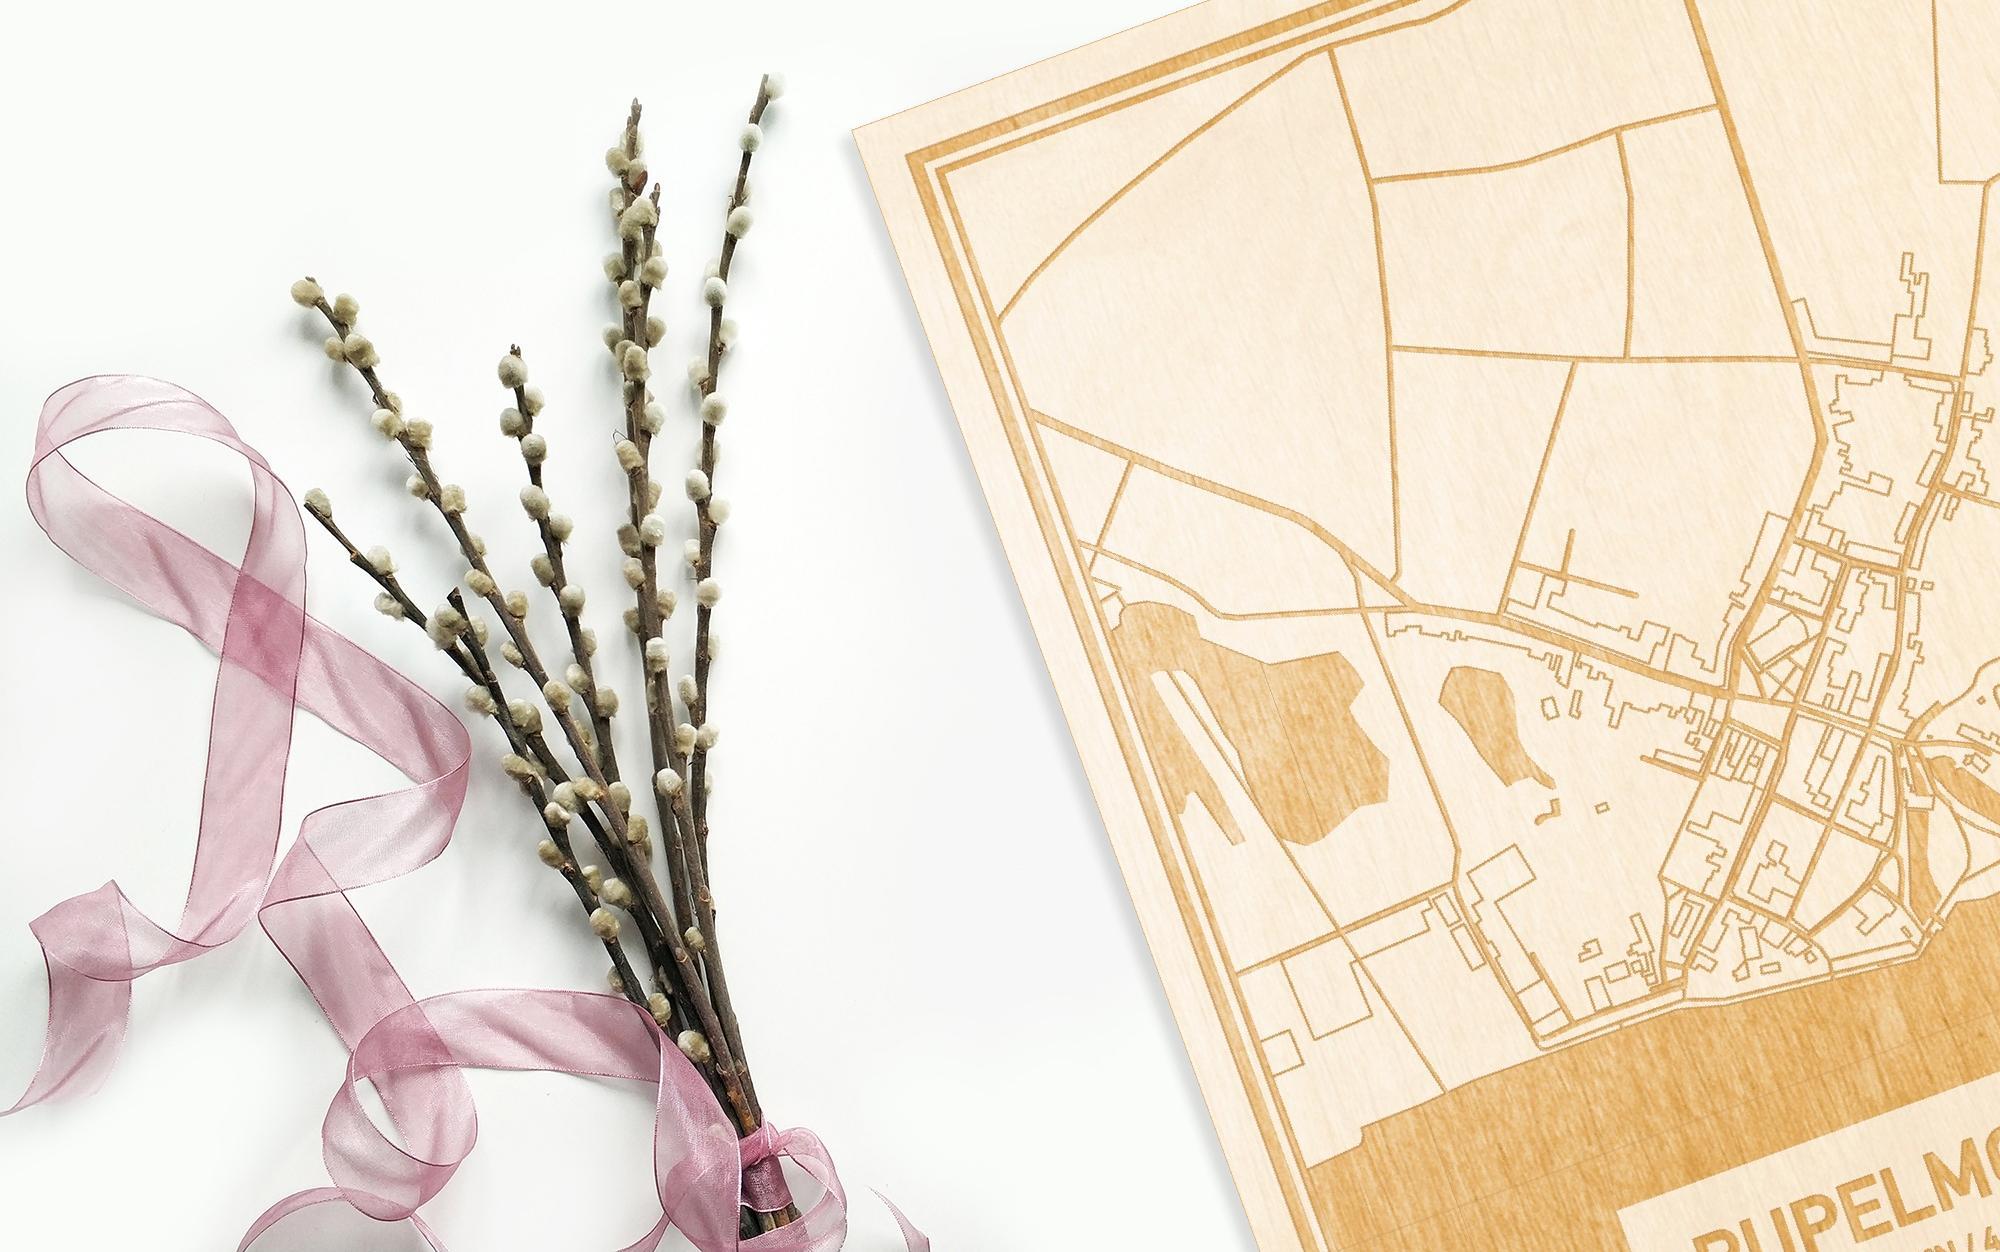 Hier ligt de houten plattegrond Rupelmonde naast een bloemetje als gepersonaliseerd cadeau voor haar.